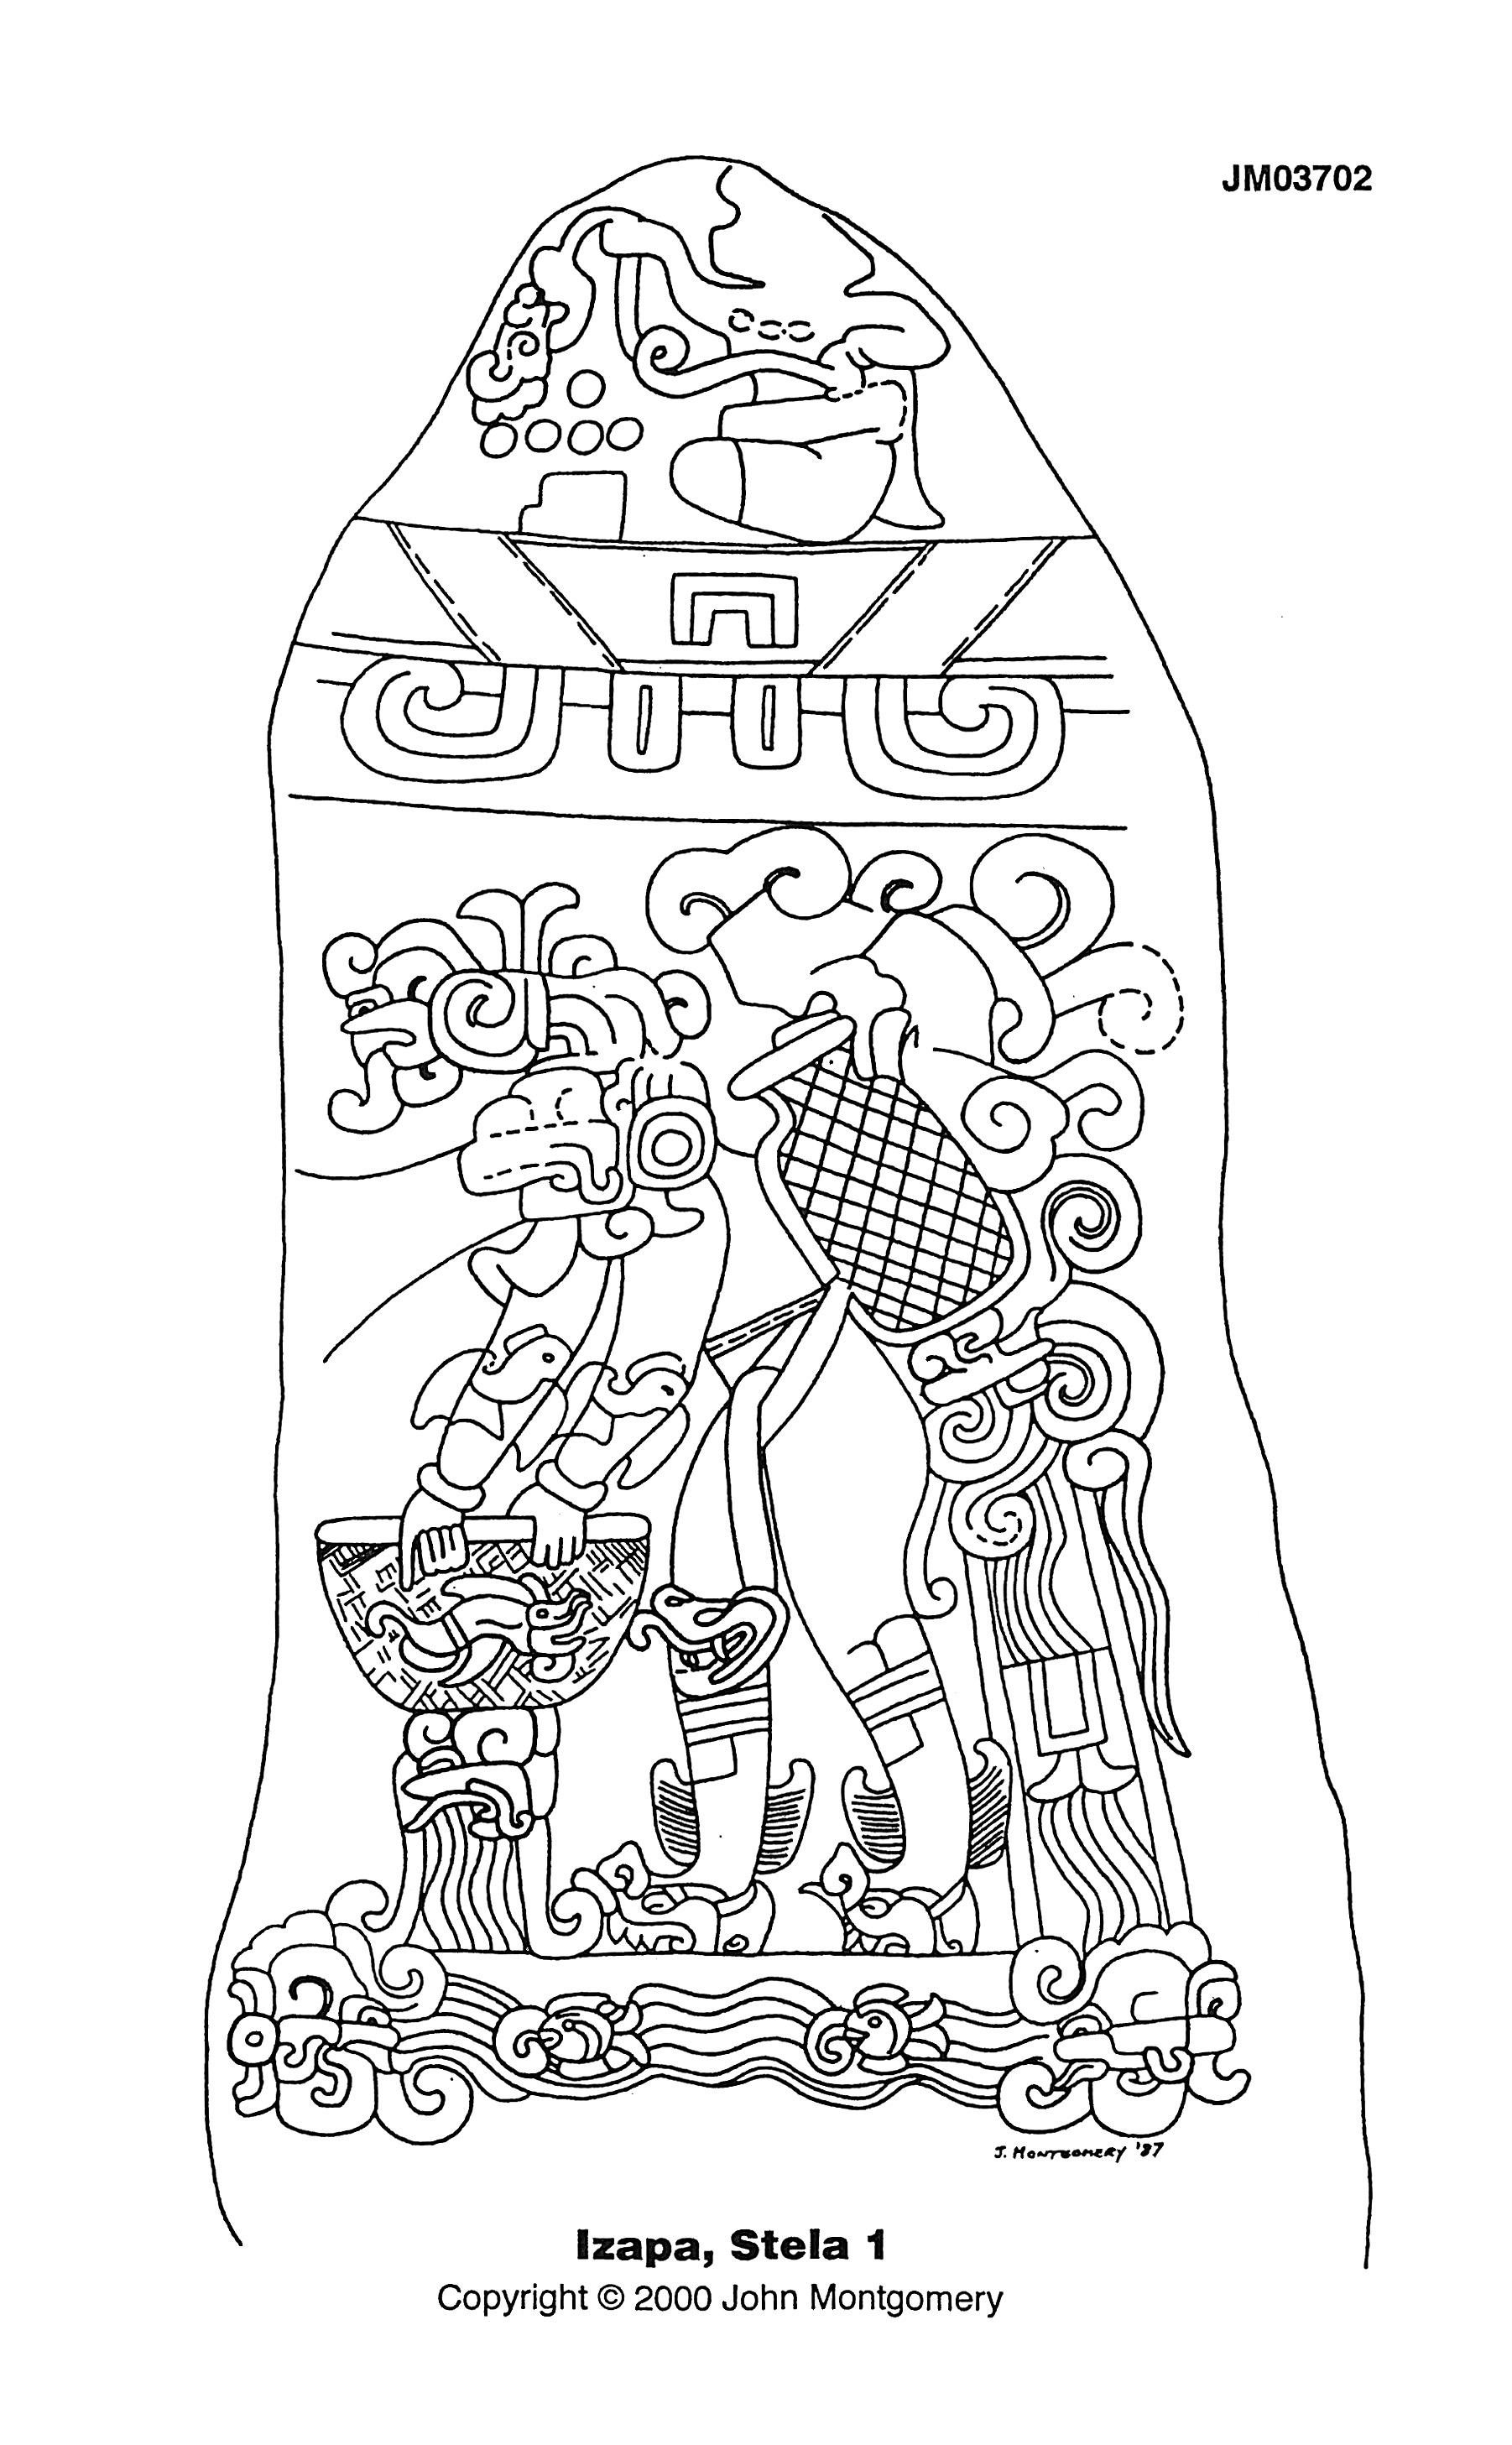 Izapa, los orígenes mayas en la costa 5